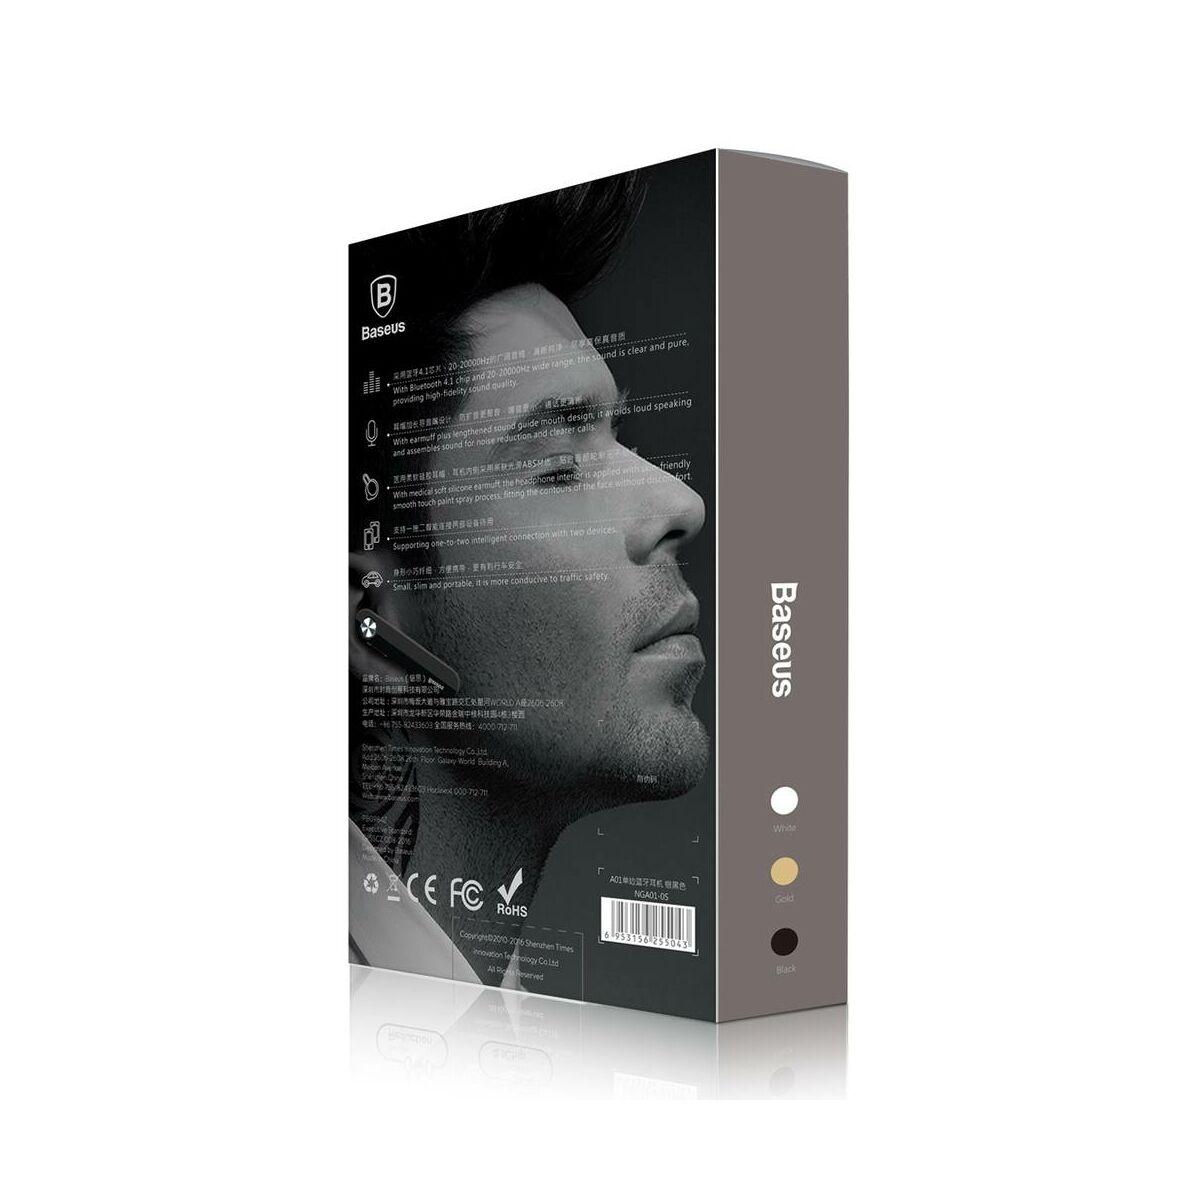 Baseus fülhallgató, Bluetooth Encok A01 vezeték nélküli, ezüst/fekete (NGA01-0S)